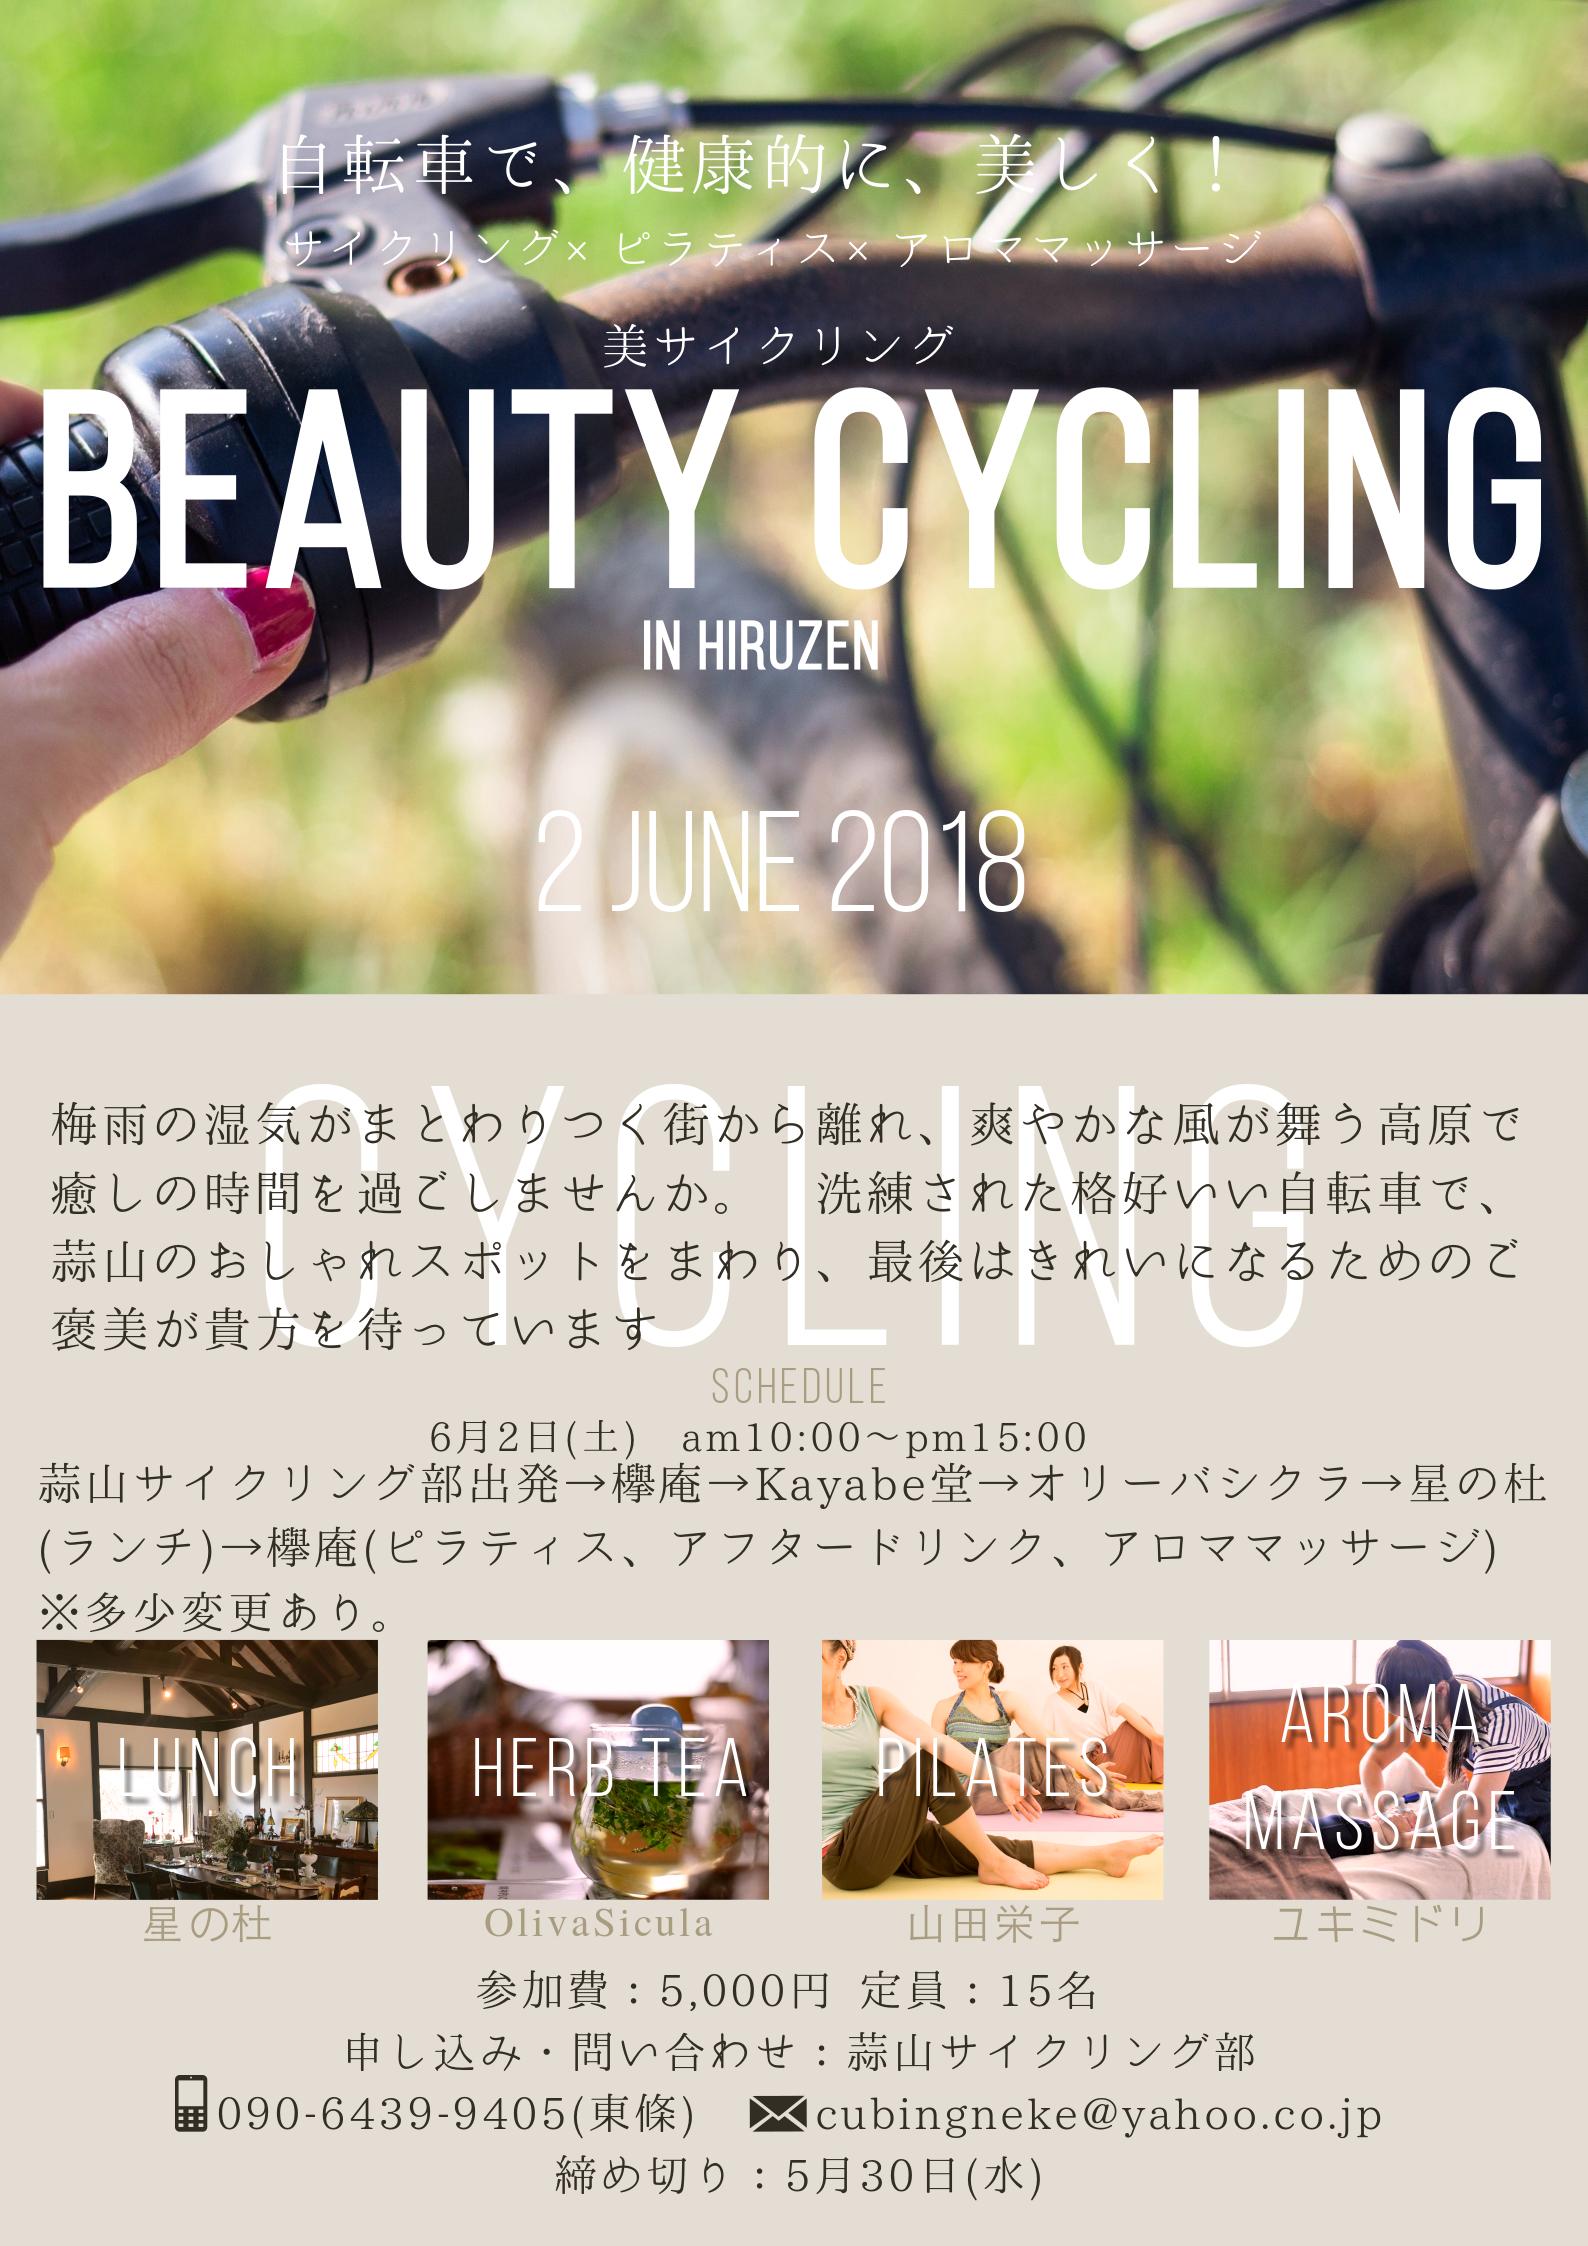 蒜山サイクリングイベント